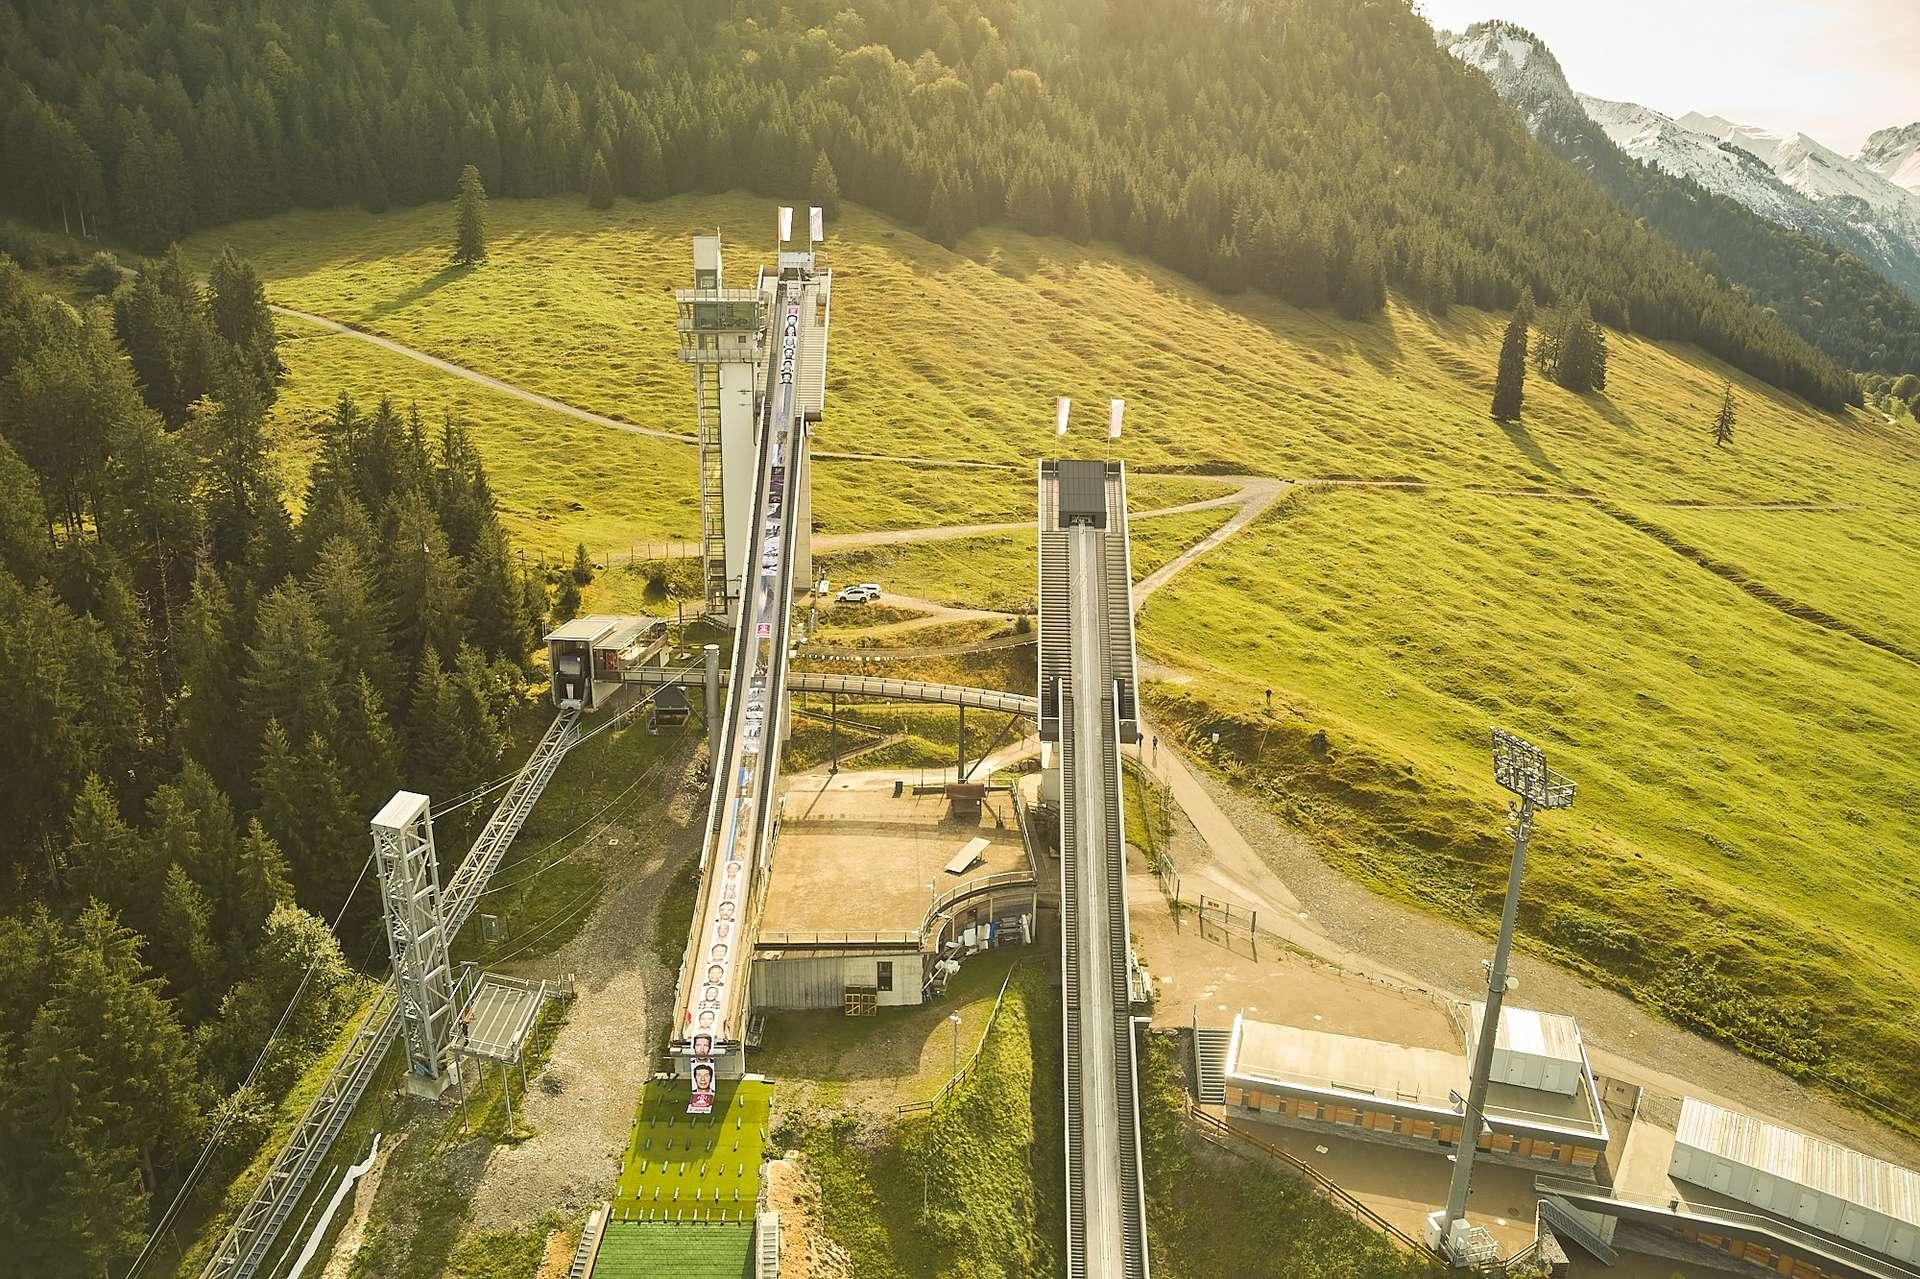 La photo mesurant 109 mètres de long a nécessité 1,37 litre d'encre et 16 heures d'impression. © Jochen Kohl, K2 Studio